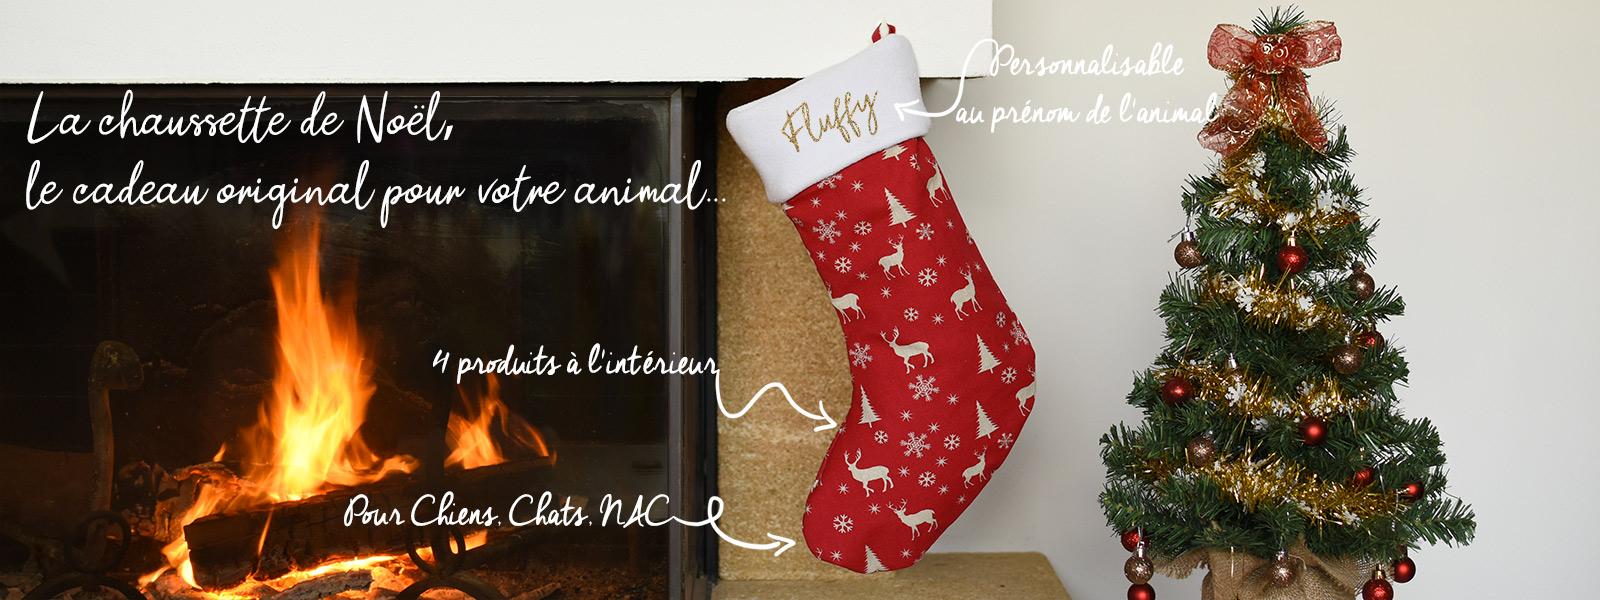 Chaussette de Noël remplie et personnalisable pour chien, chat, rongeur et lapin